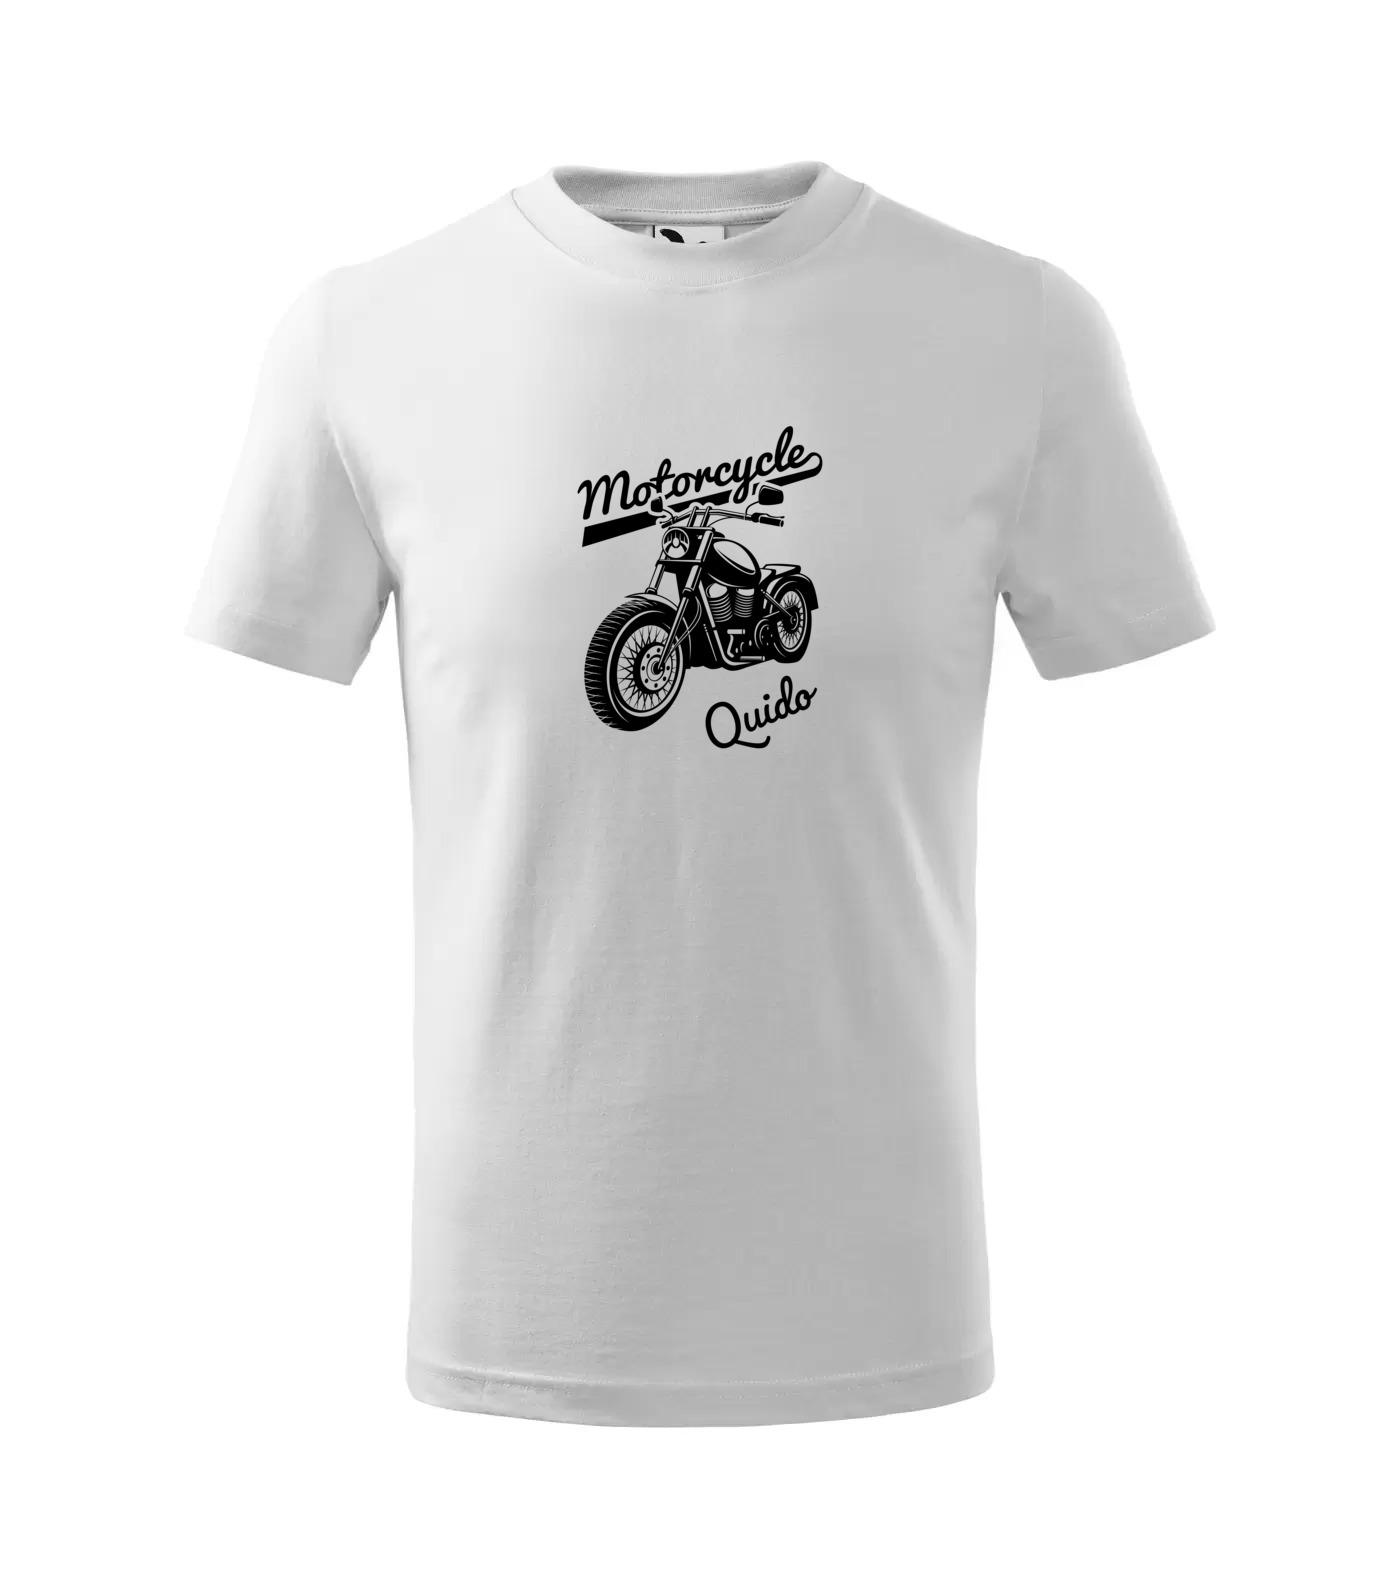 Tričko Motorkář Inverse Quido